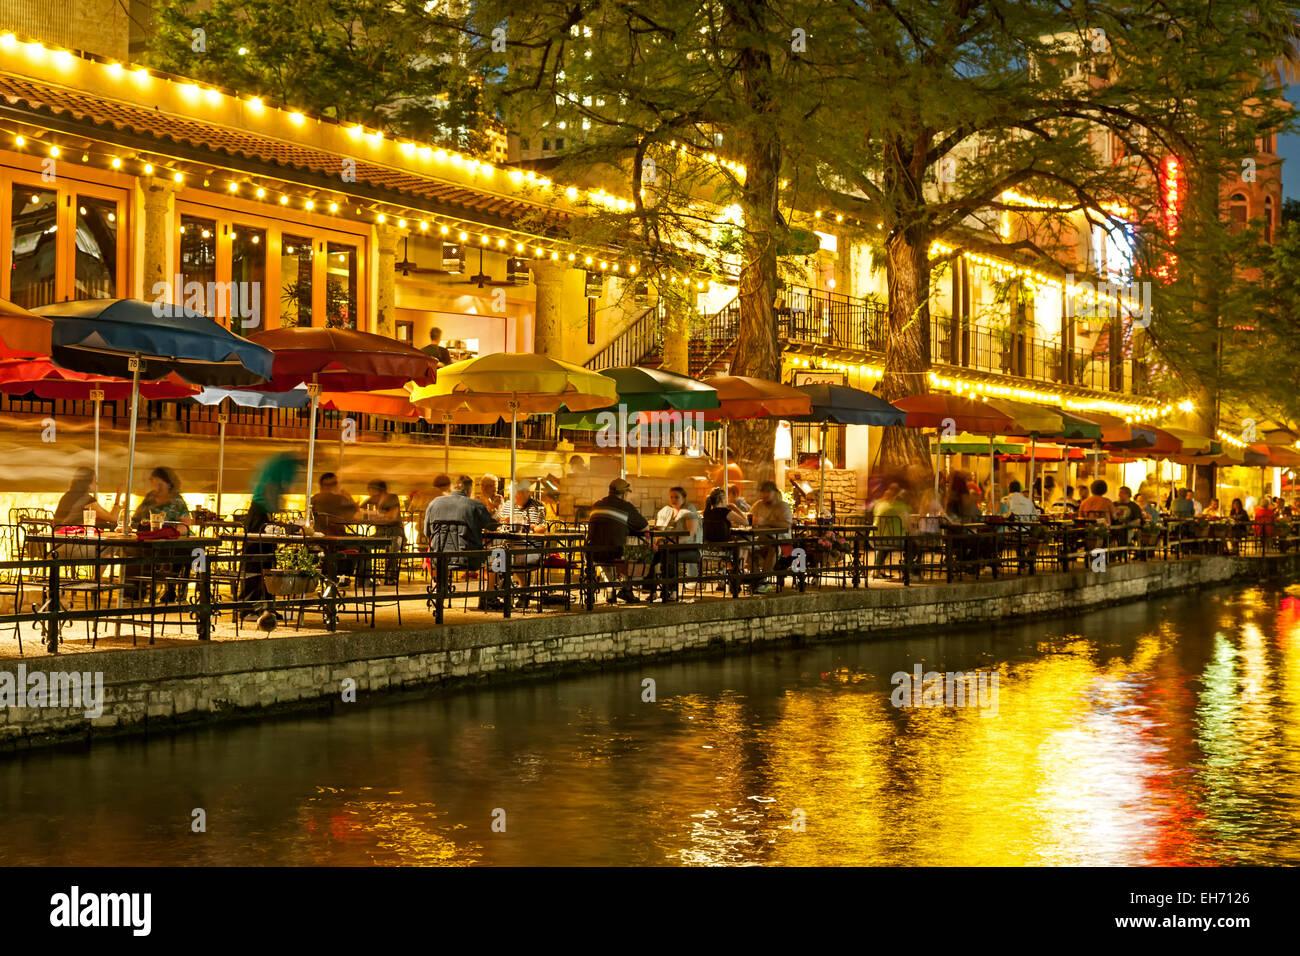 Bunte Sonnenschirme, San Antonio River und Riverwalk, San Antonio, Texas USA Stockbild